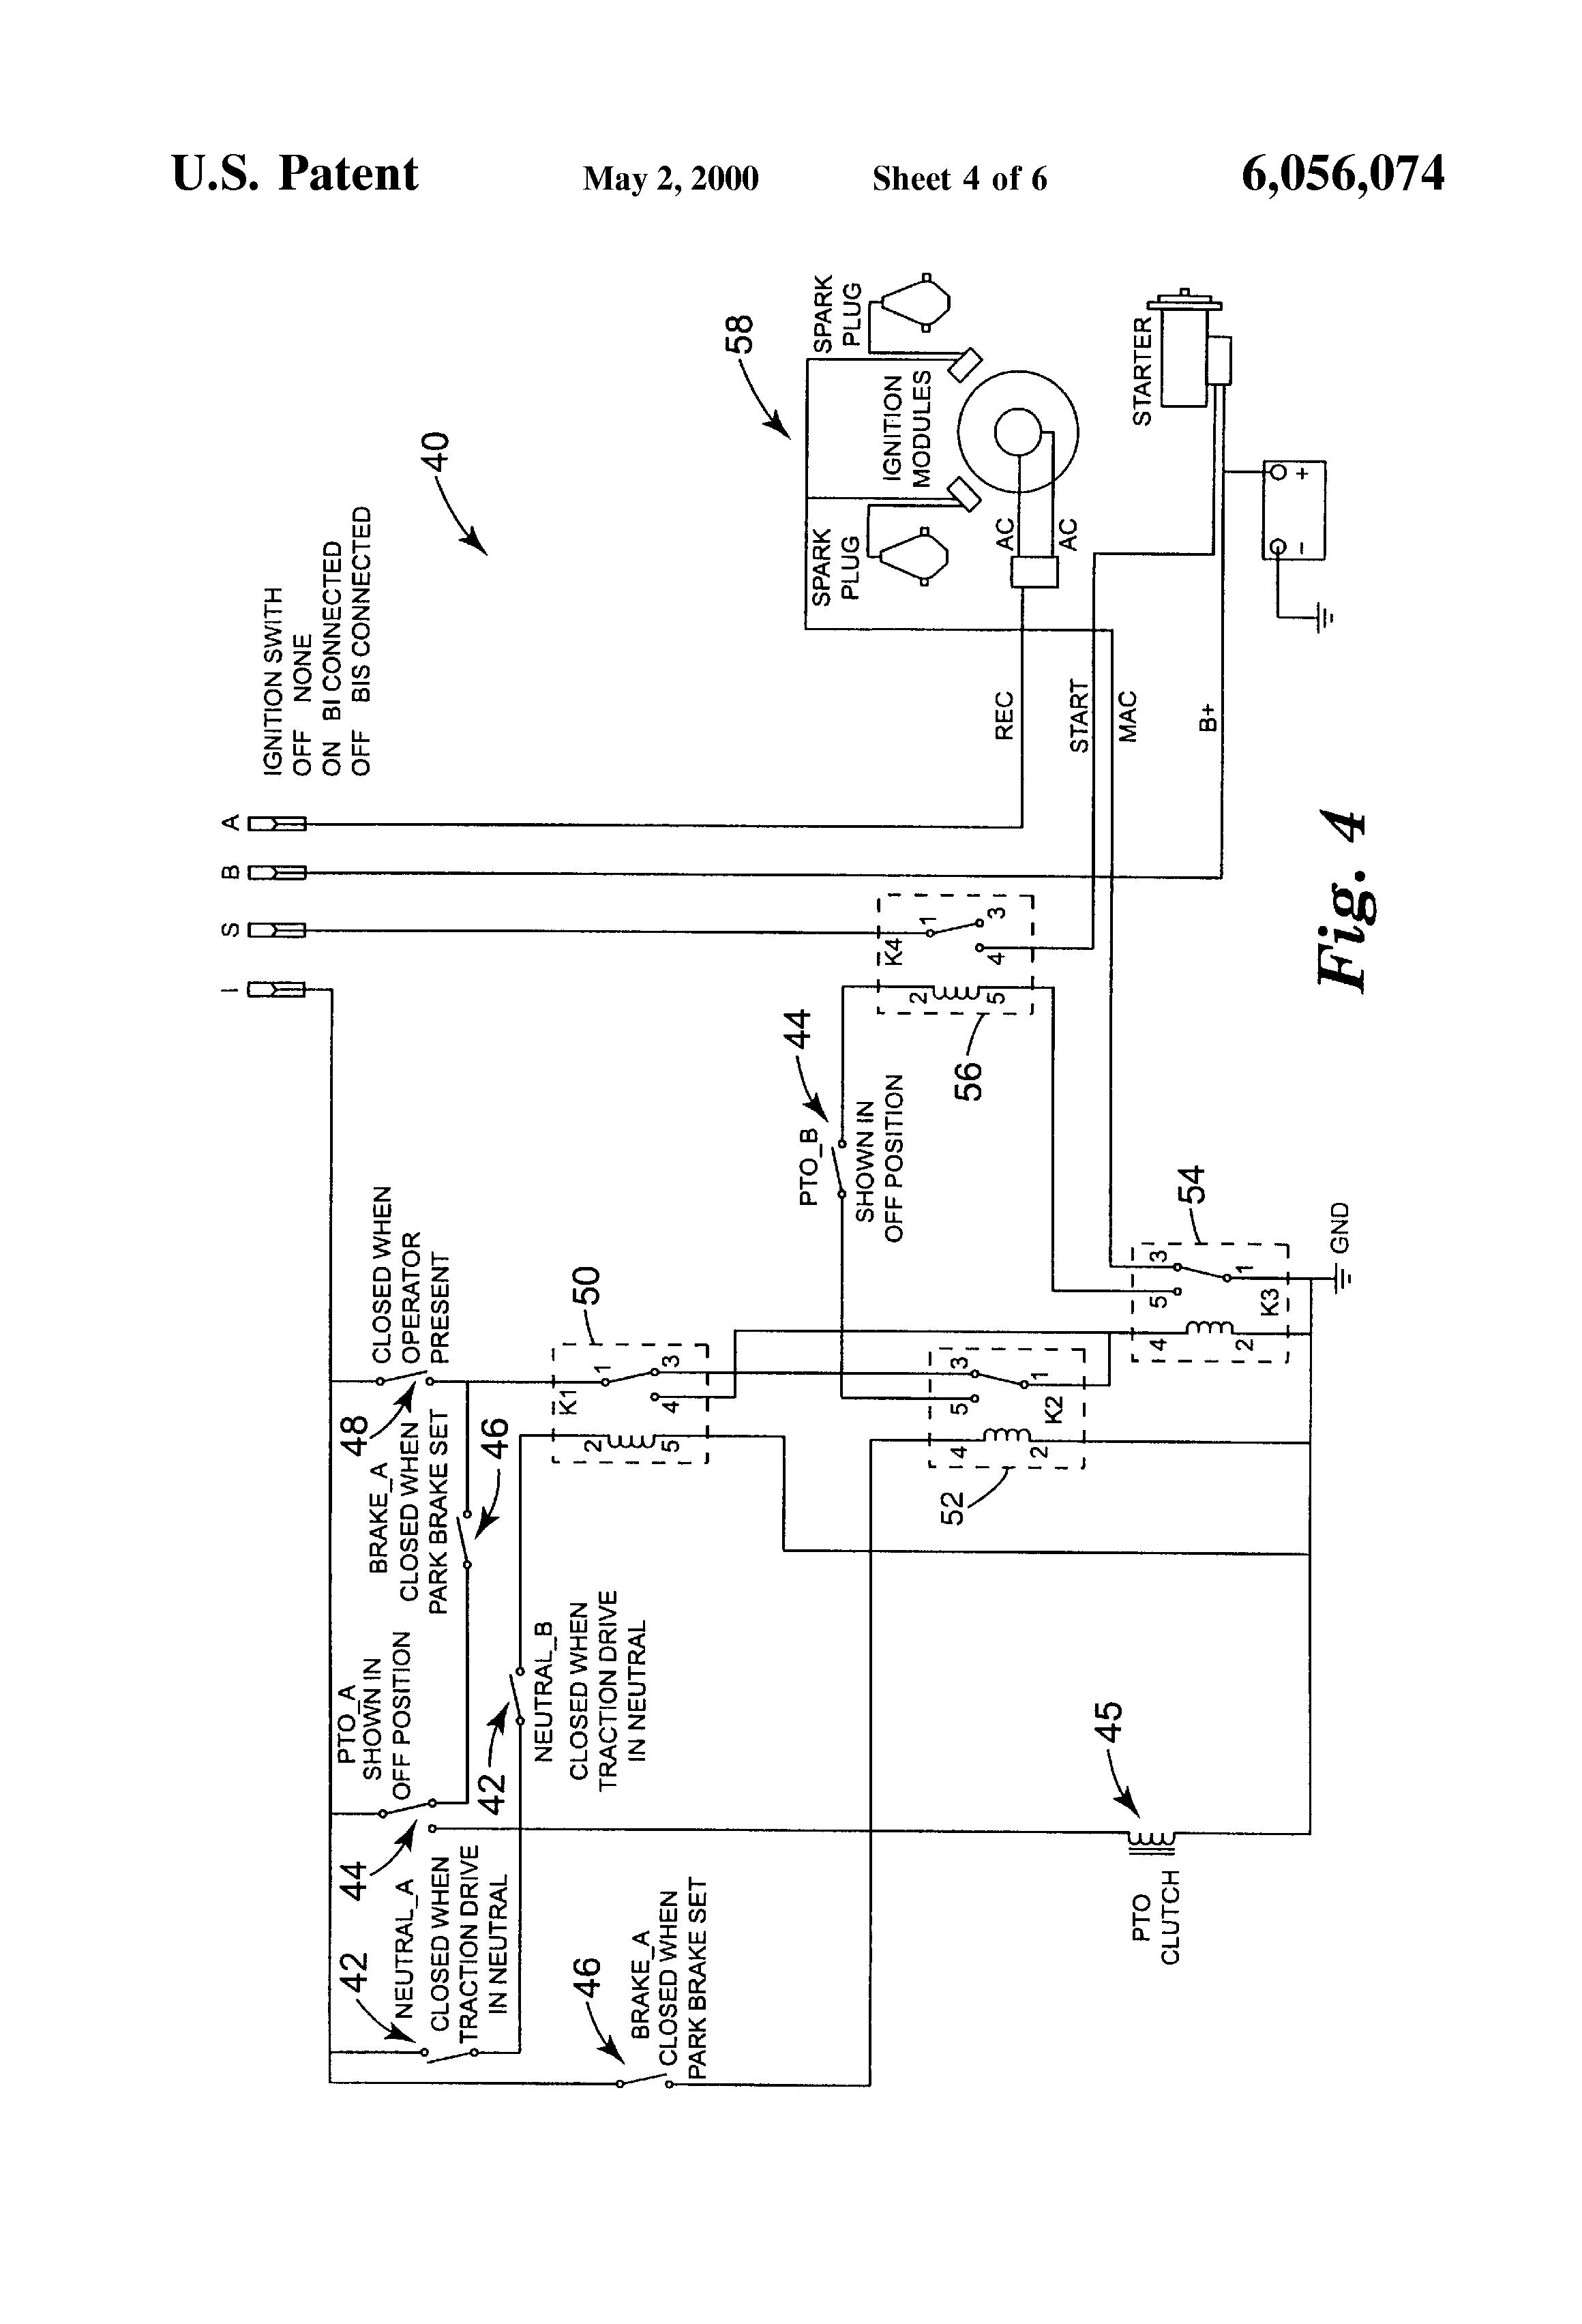 [DIAGRAM_1CA]  BB_1597] Toro Schematics | Toro Leaf Blower Wiring Diagram |  | Ynthe Funi Icism Viewor Mohammedshrine Librar Wiring 101